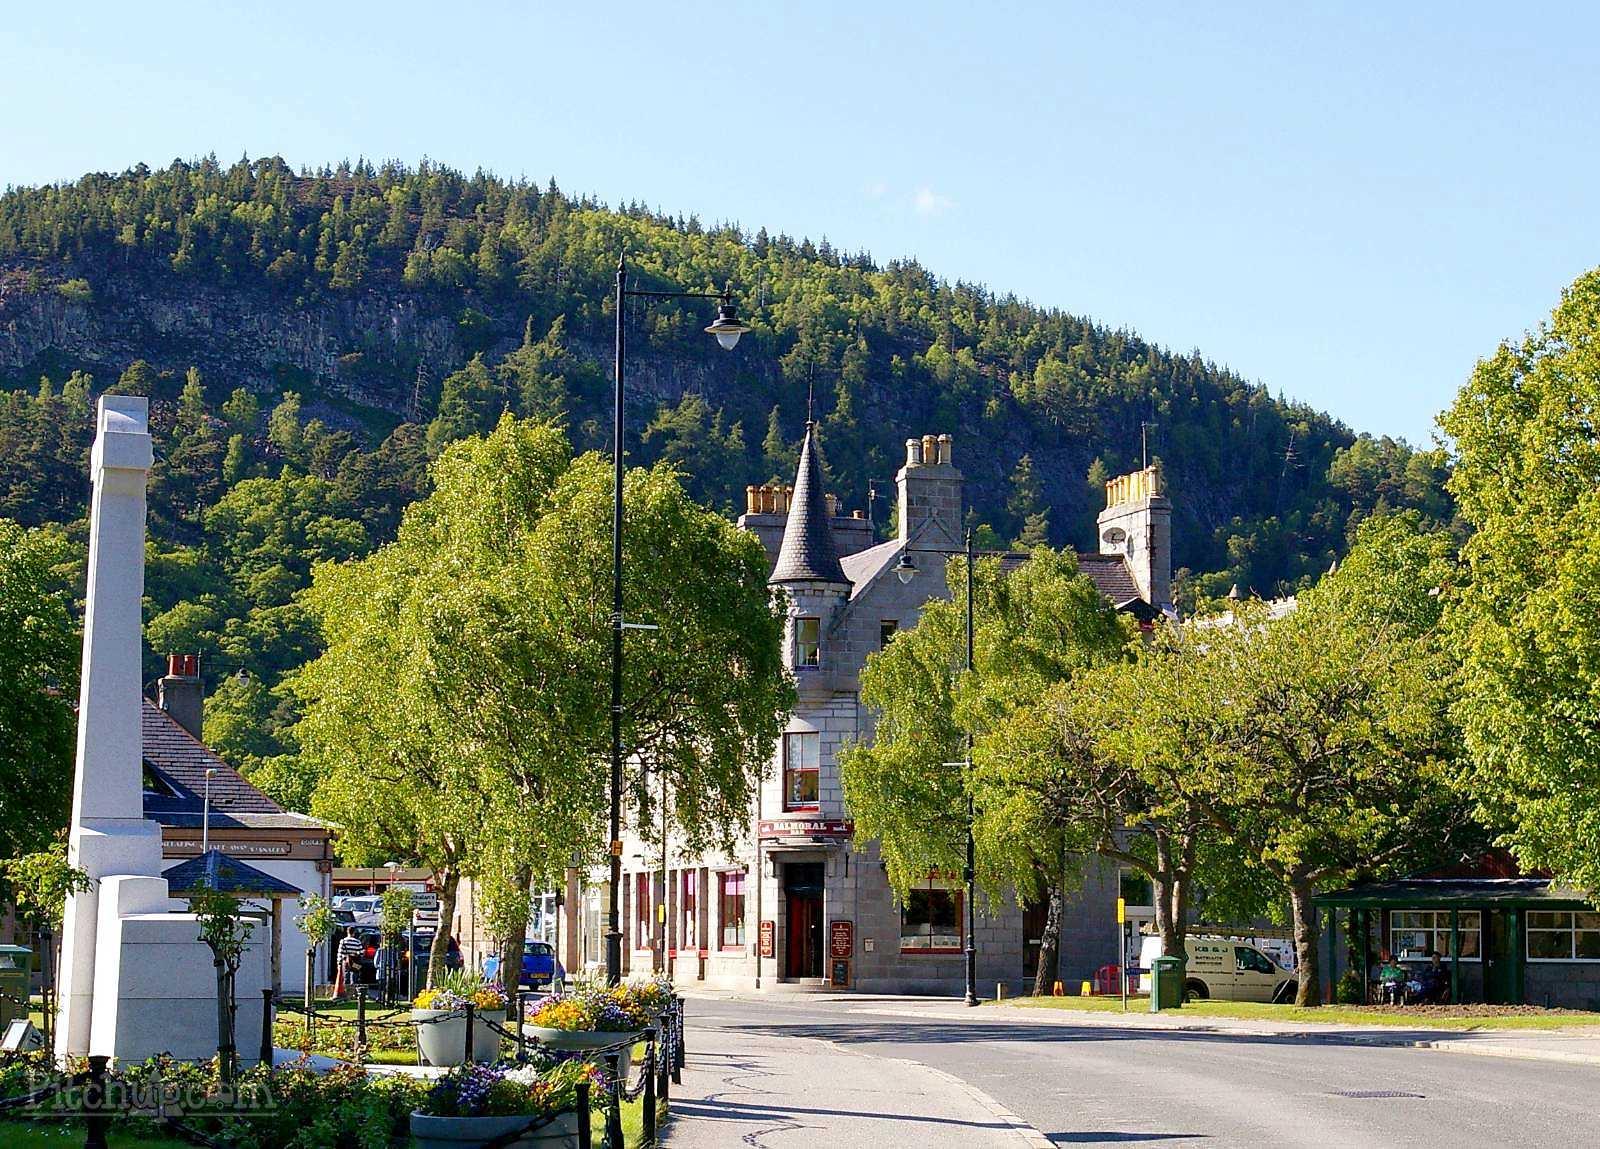 Ballater Village